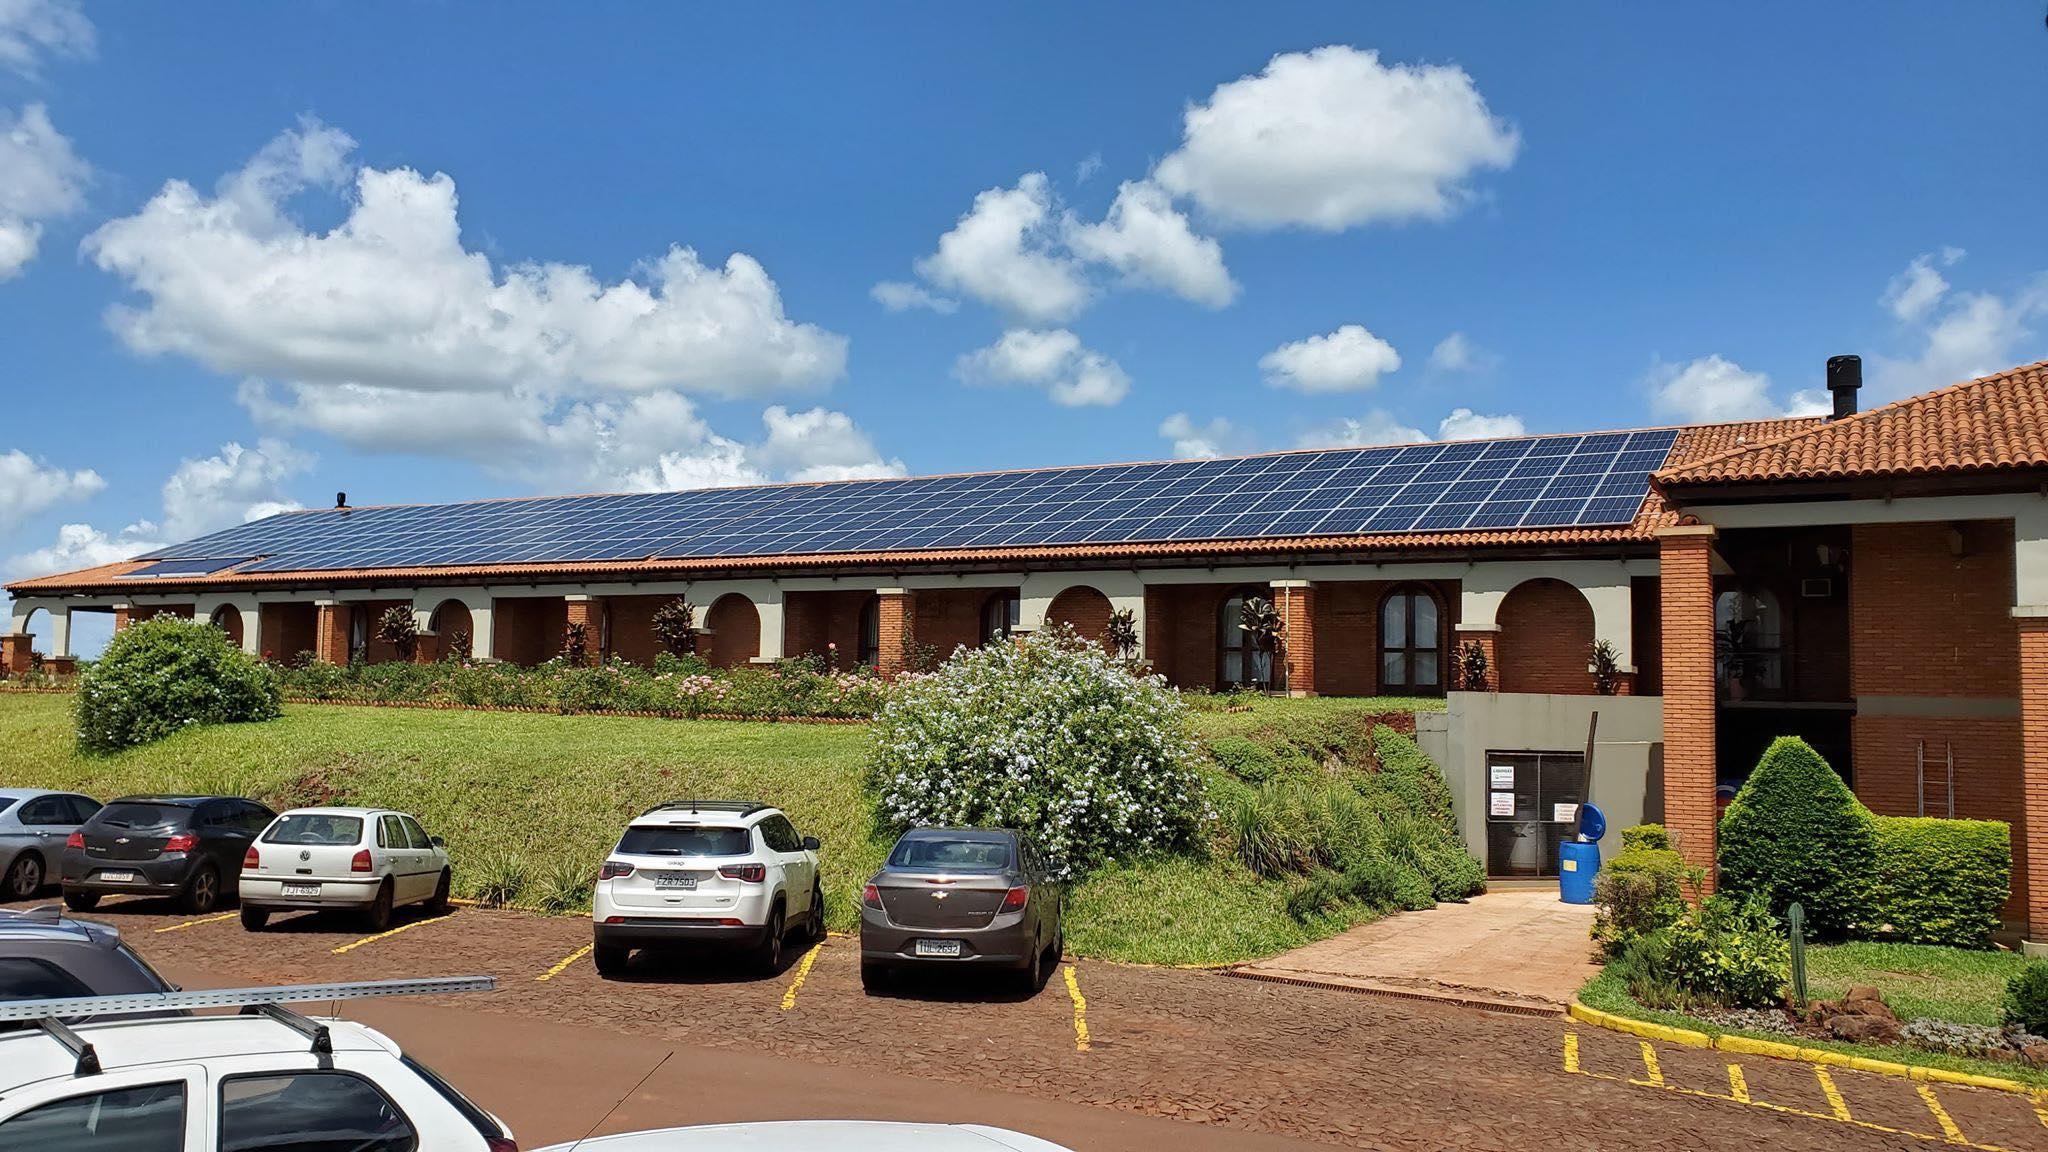 painéis solares no tenondé park hotel são miguel das missoes